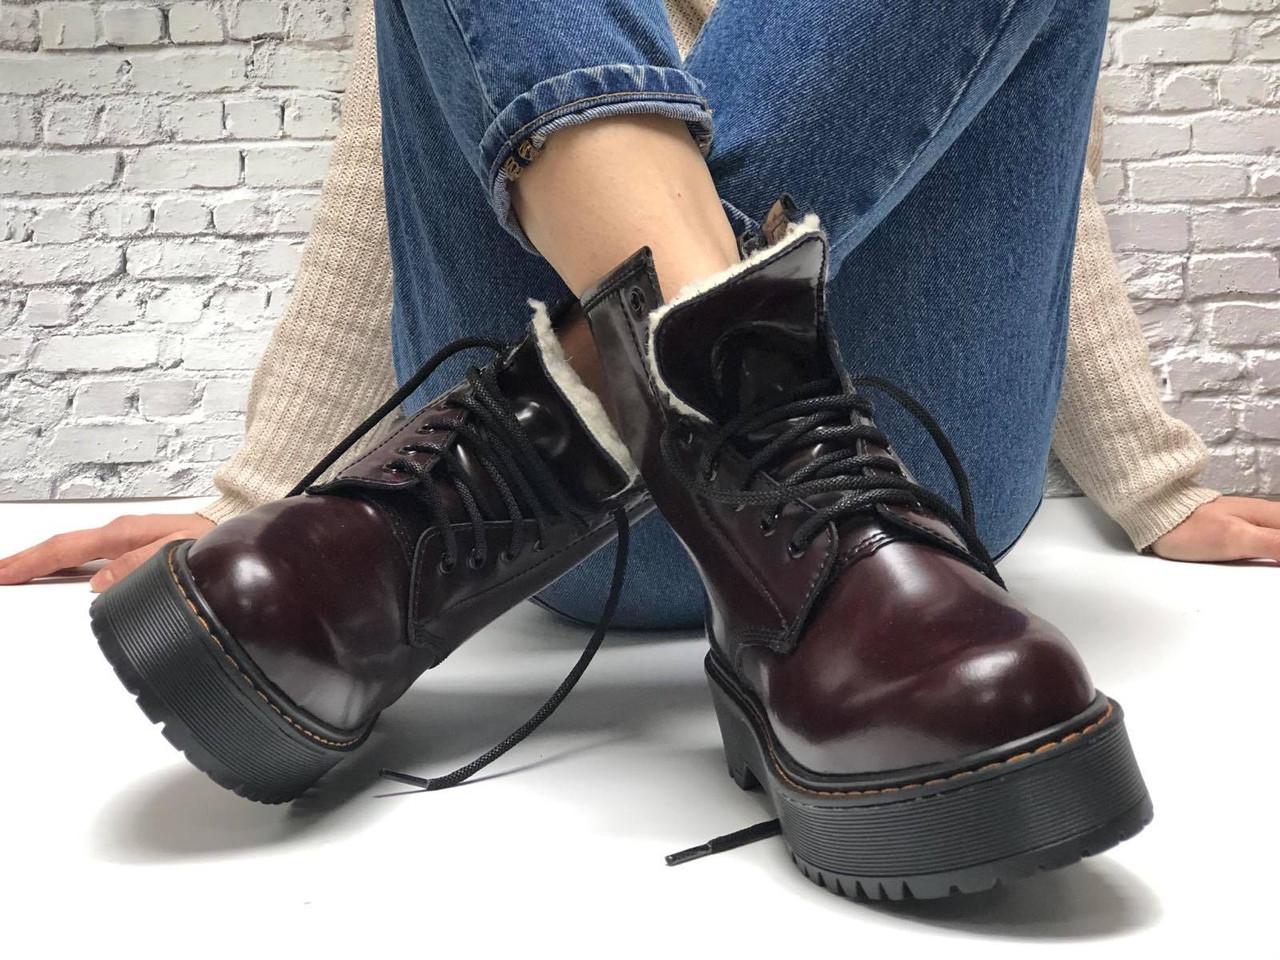 Женские ботинки Dr Martens Jadon в стиле Доктор Мартинс Бордовые НА МЕХУ (Реплика ААА+)